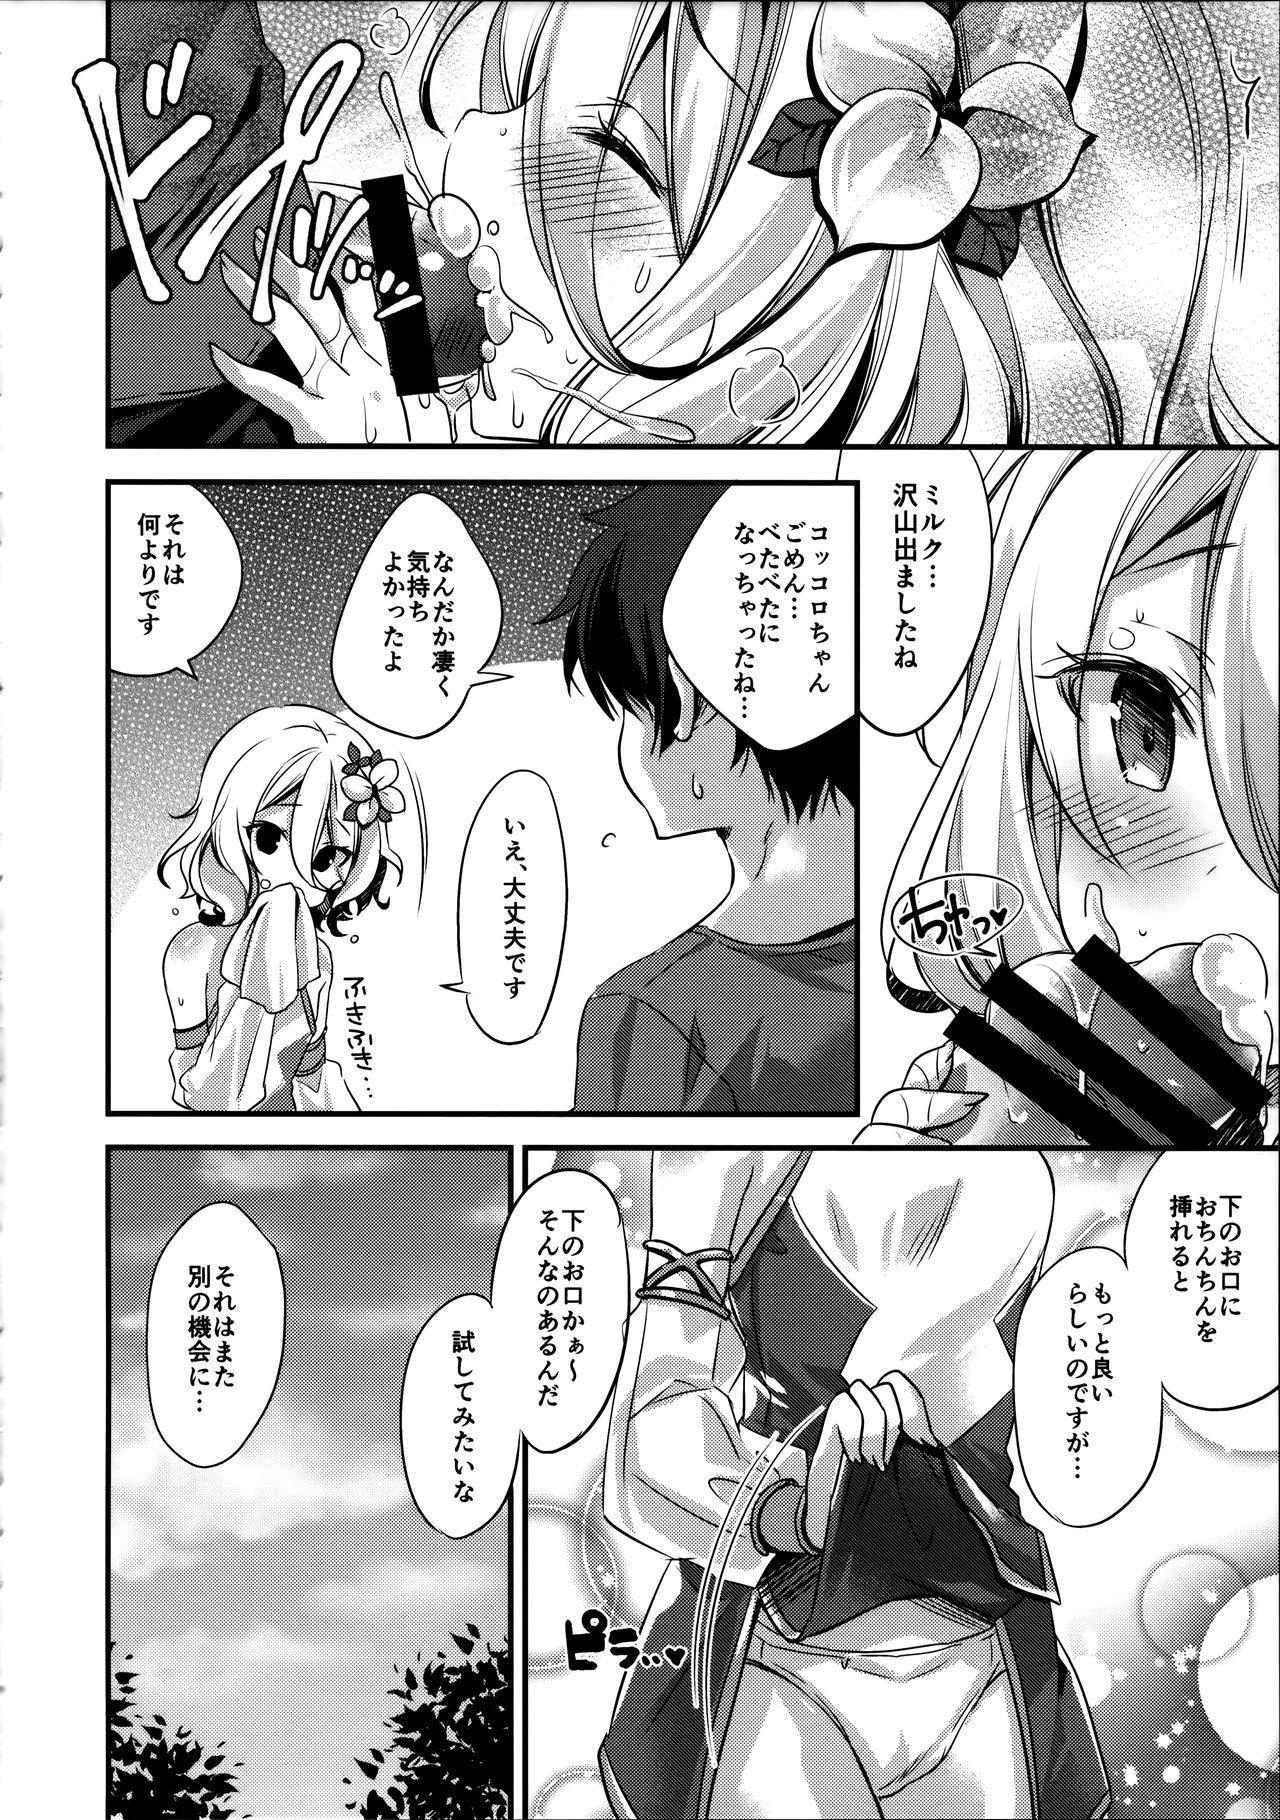 Mizu Peco-chan ga Monohoshisou na Kao de Kochira o Miteru 16